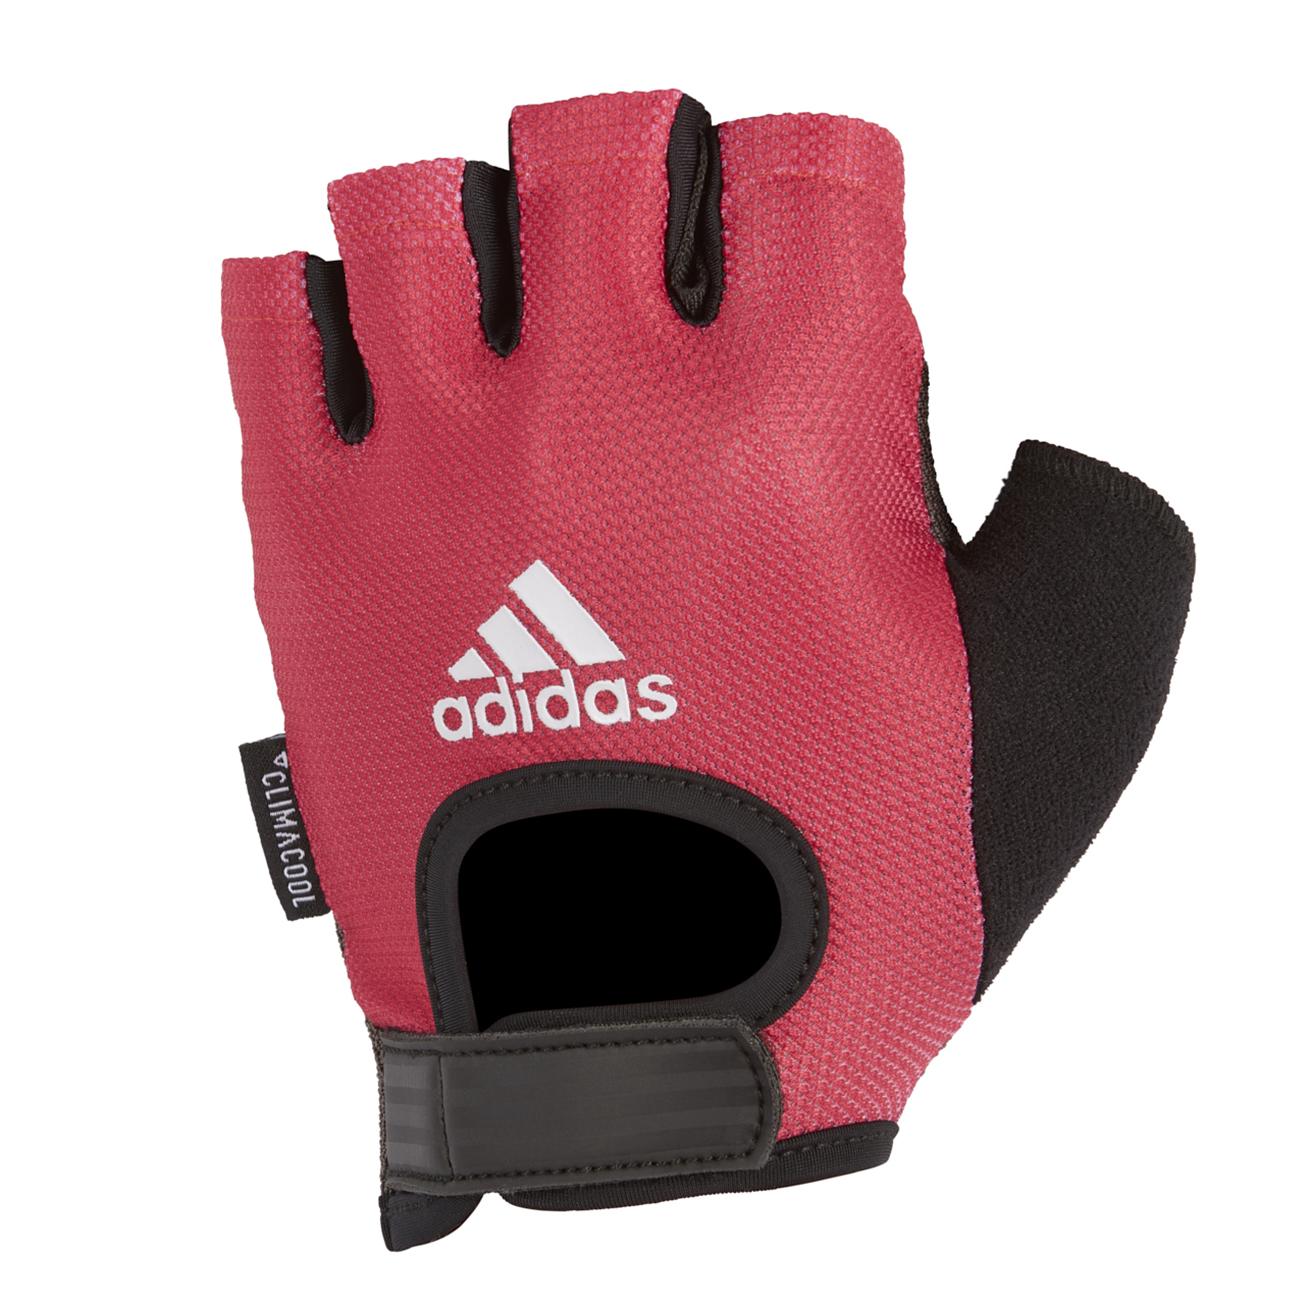 Перчатки для фитнеса Adidas ADGB-13224, розовый перчатки adidas для фитнеса белые размер m adgb 12322 wh